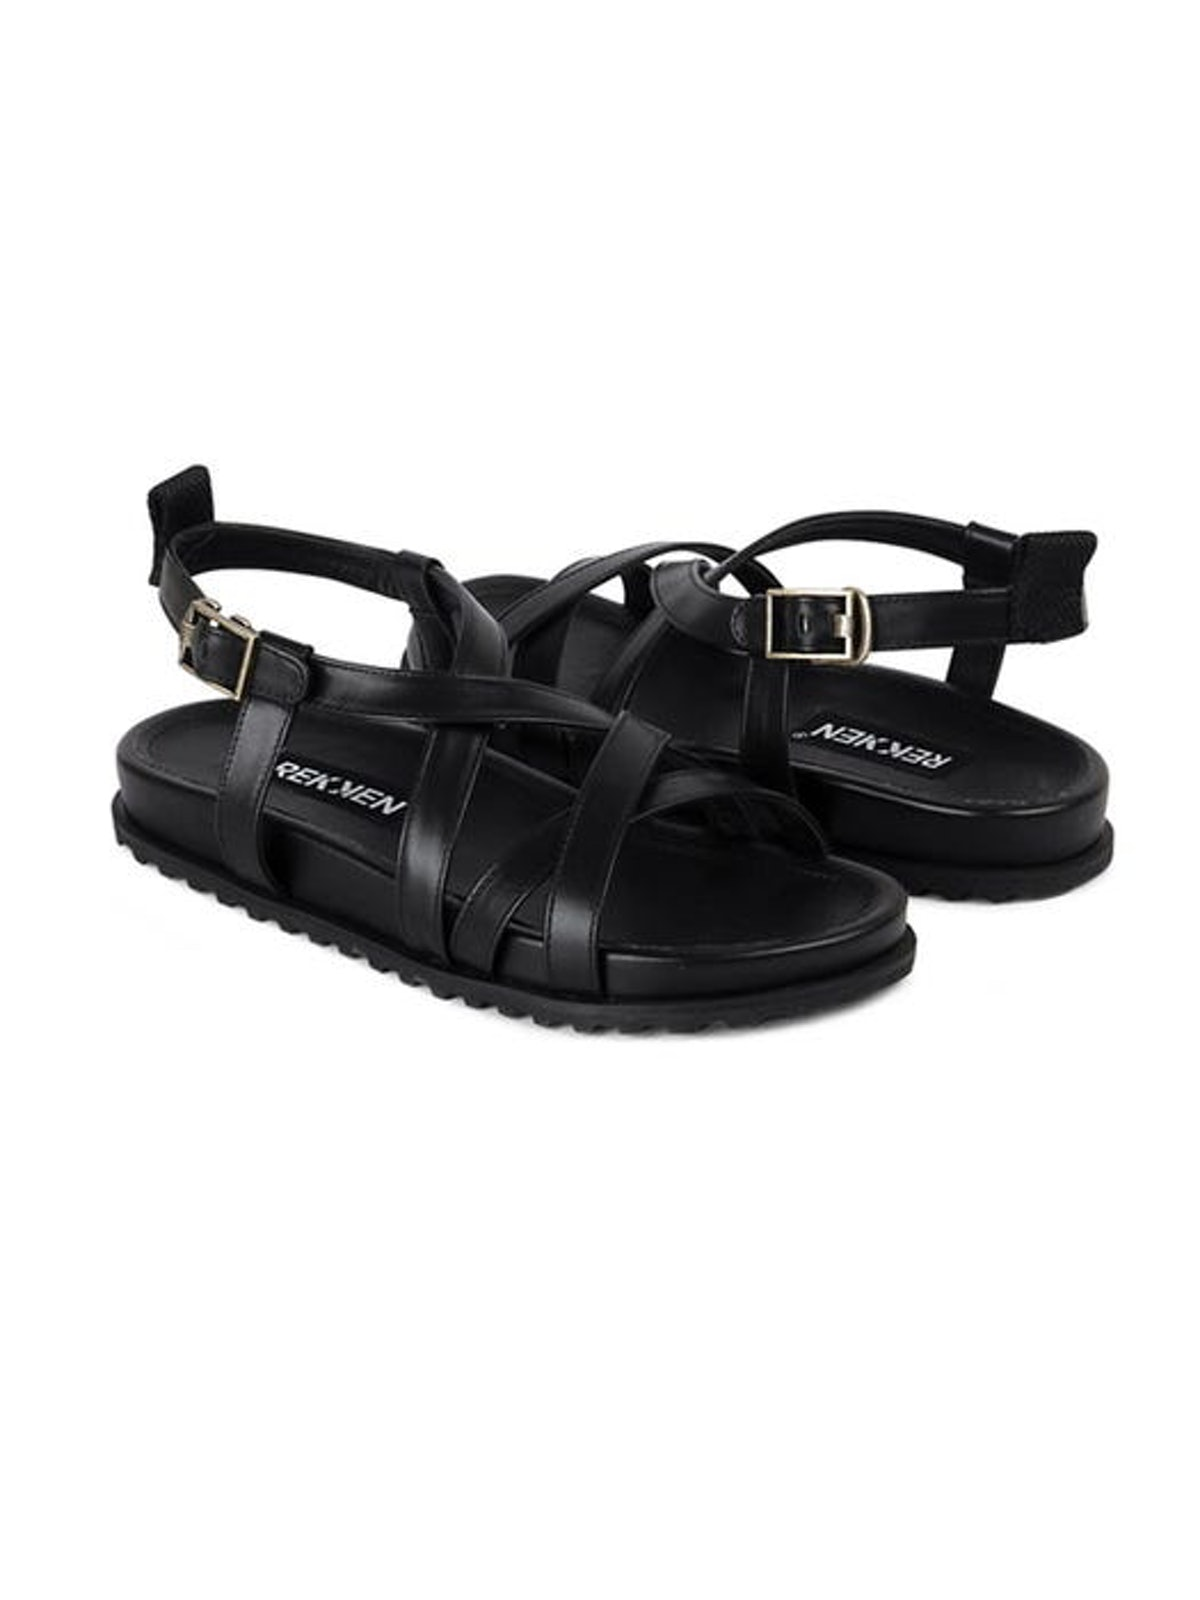 Maiken Sandals